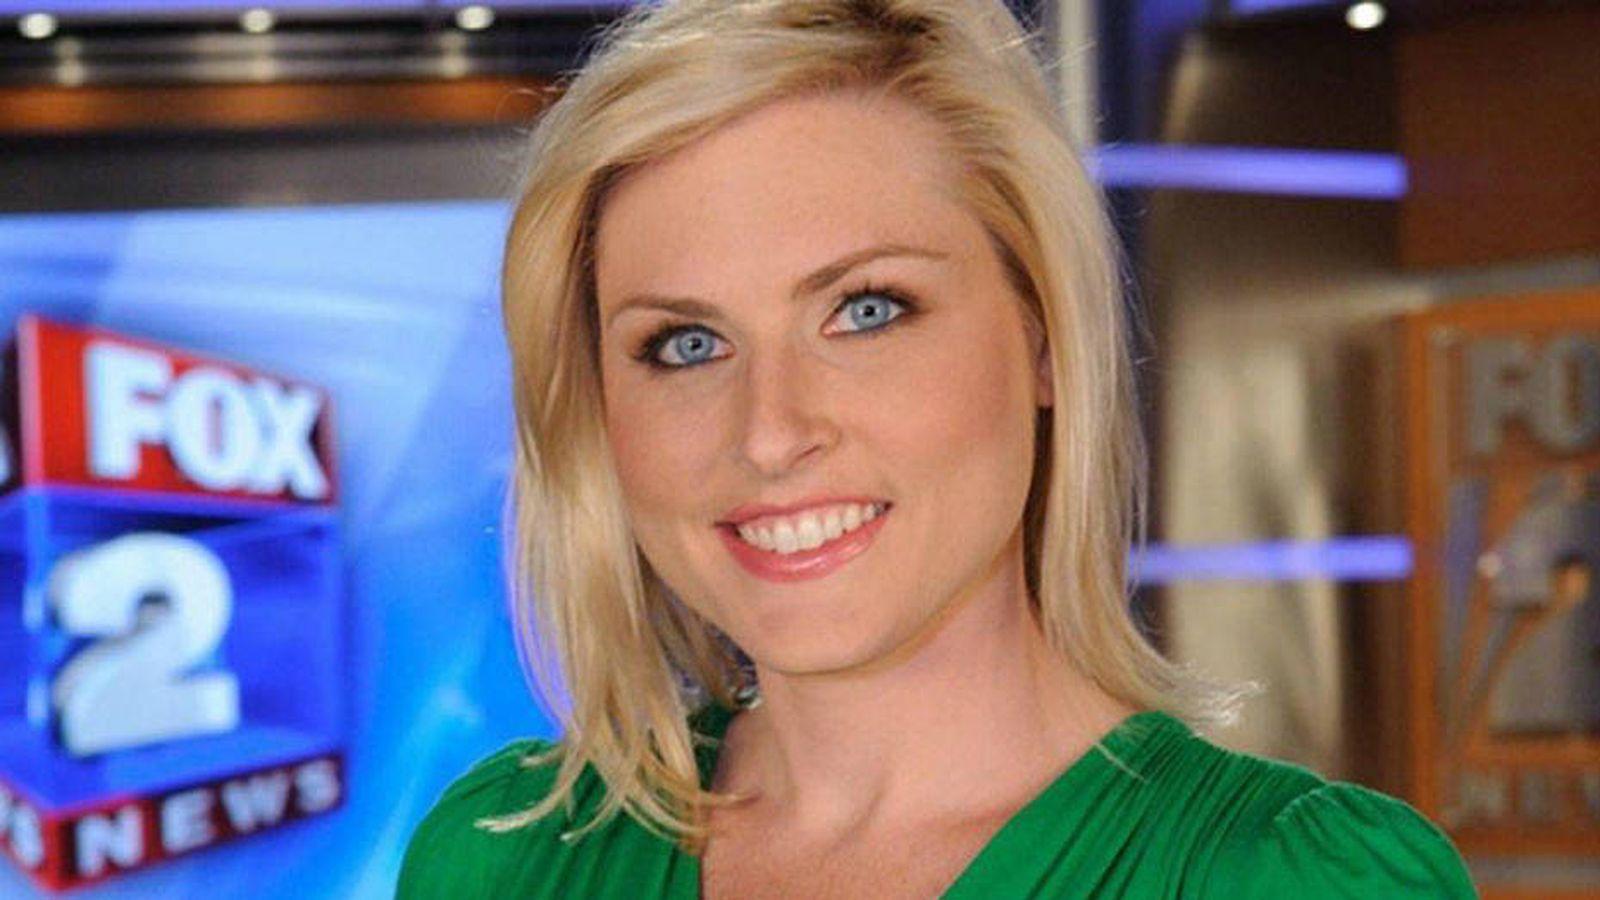 Foto: Imagen de Jessica Starr, presentadora del tiempo en 'Fox 2'. (Fox TV)